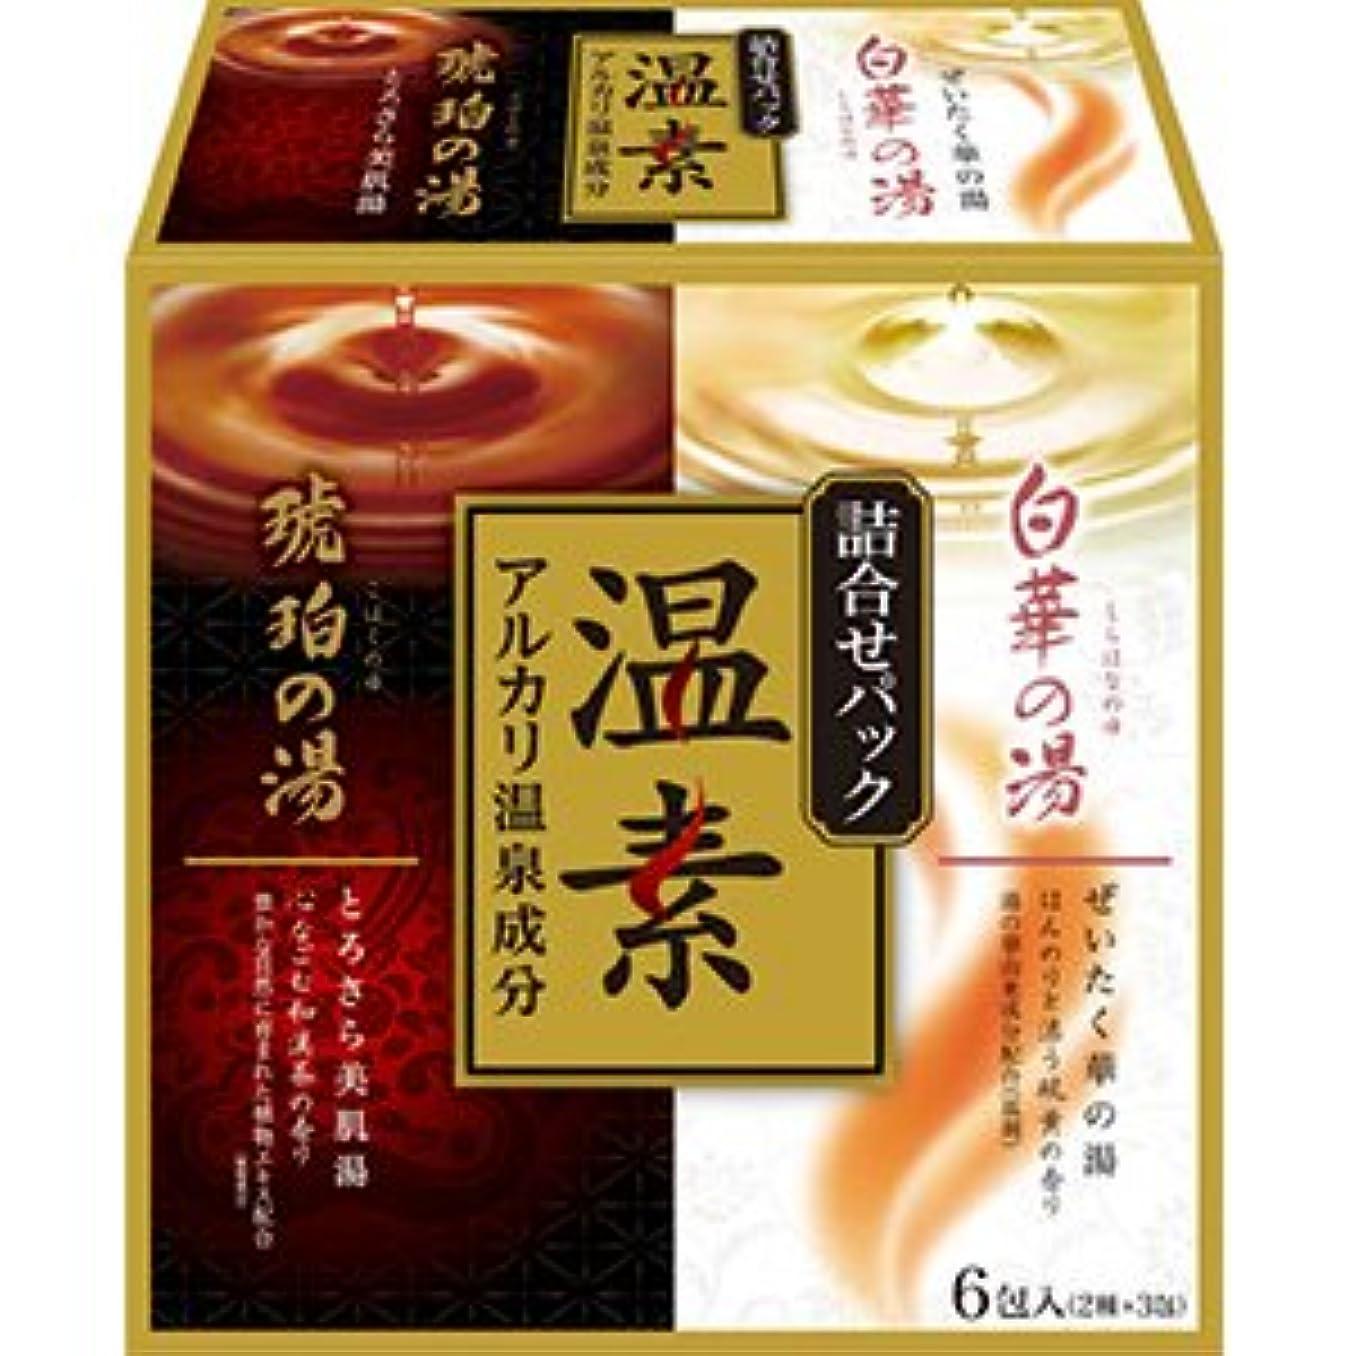 端末満足させる天井温素 琥珀の湯&白華の湯 詰合せパック × 16個セット